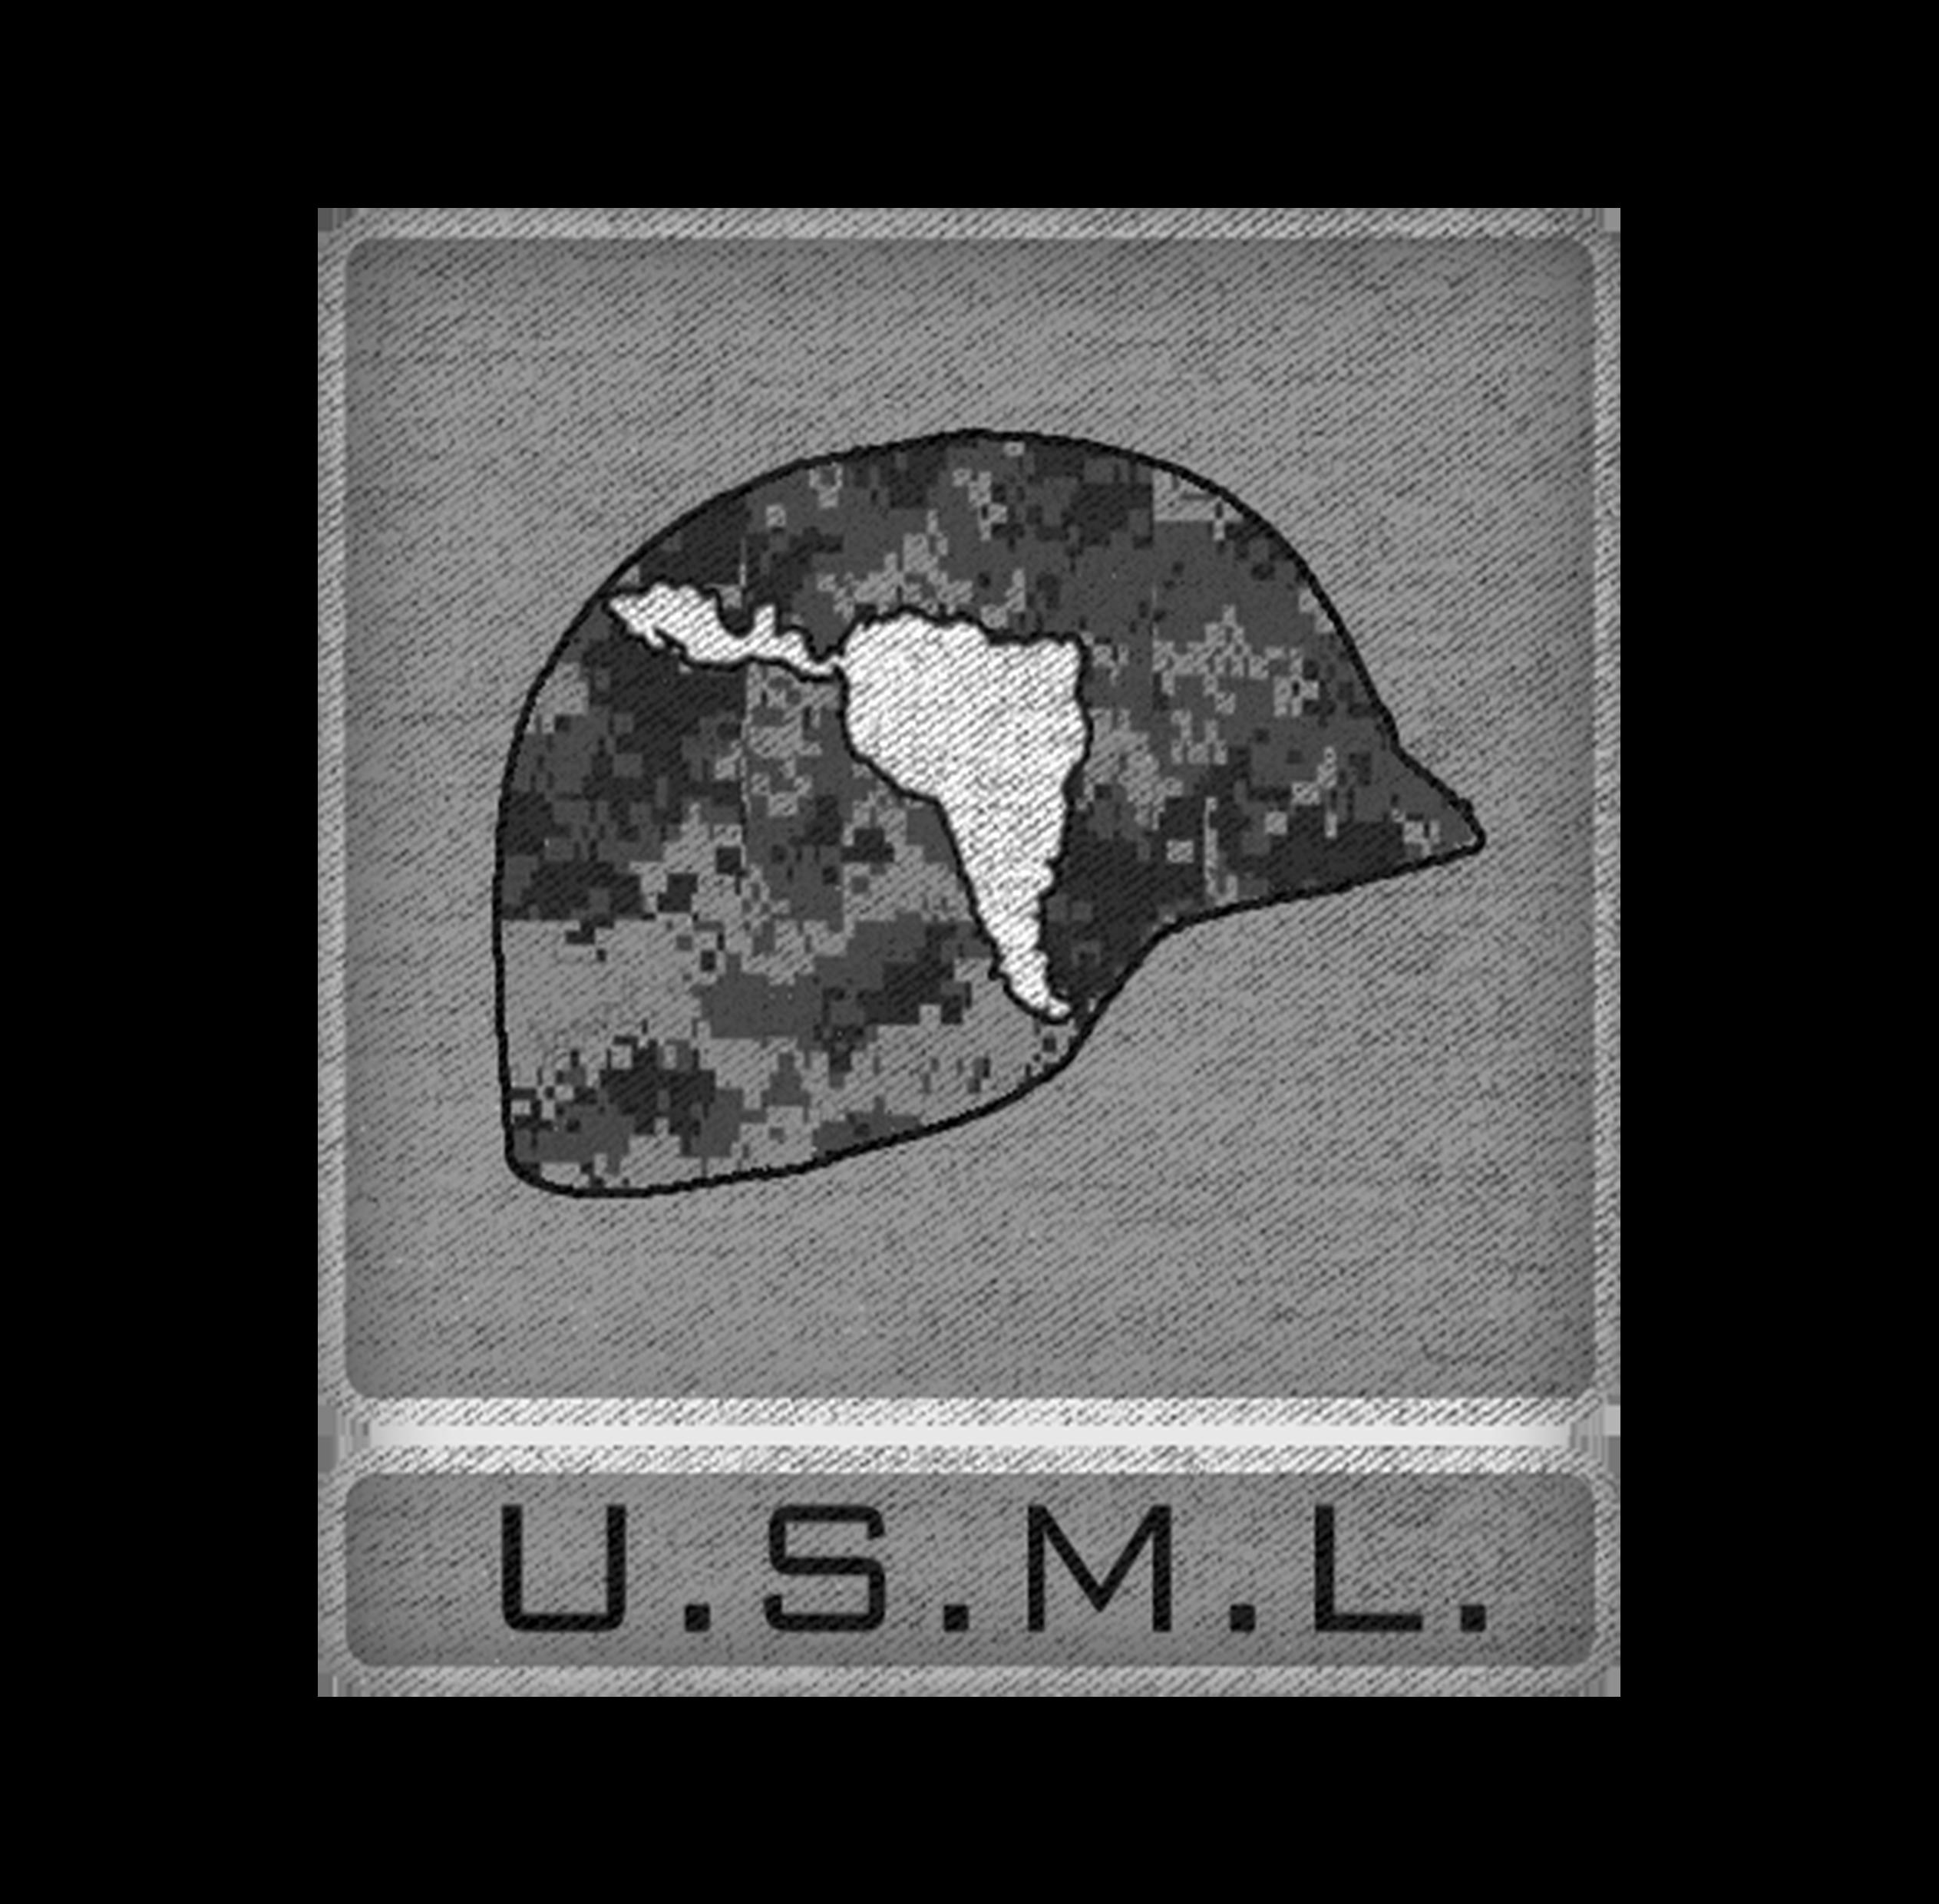 Unidad de Simulación Militar Latina (U.S.M.L.)